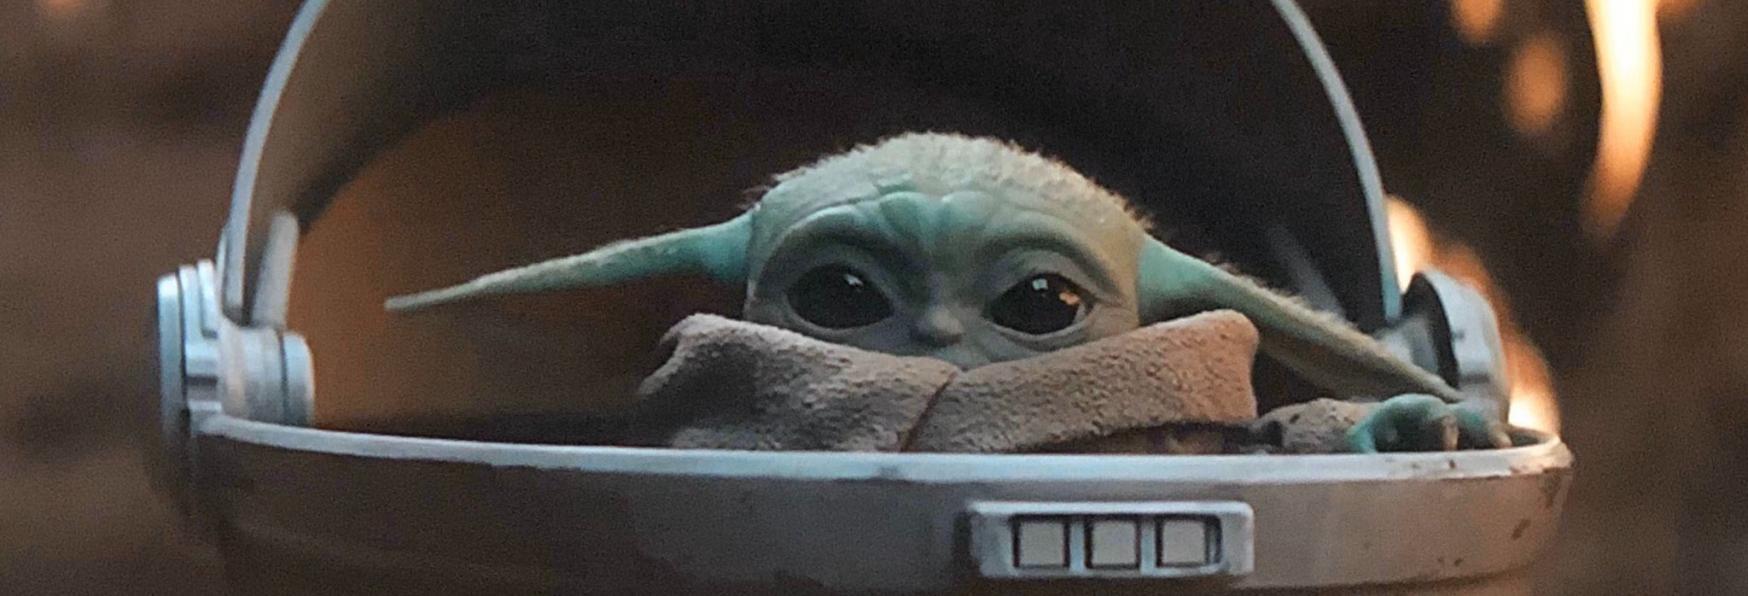 The Mandalorian 2: svelata una prima Foto di Baby Yoda durante le Riprese della nuova Stagione